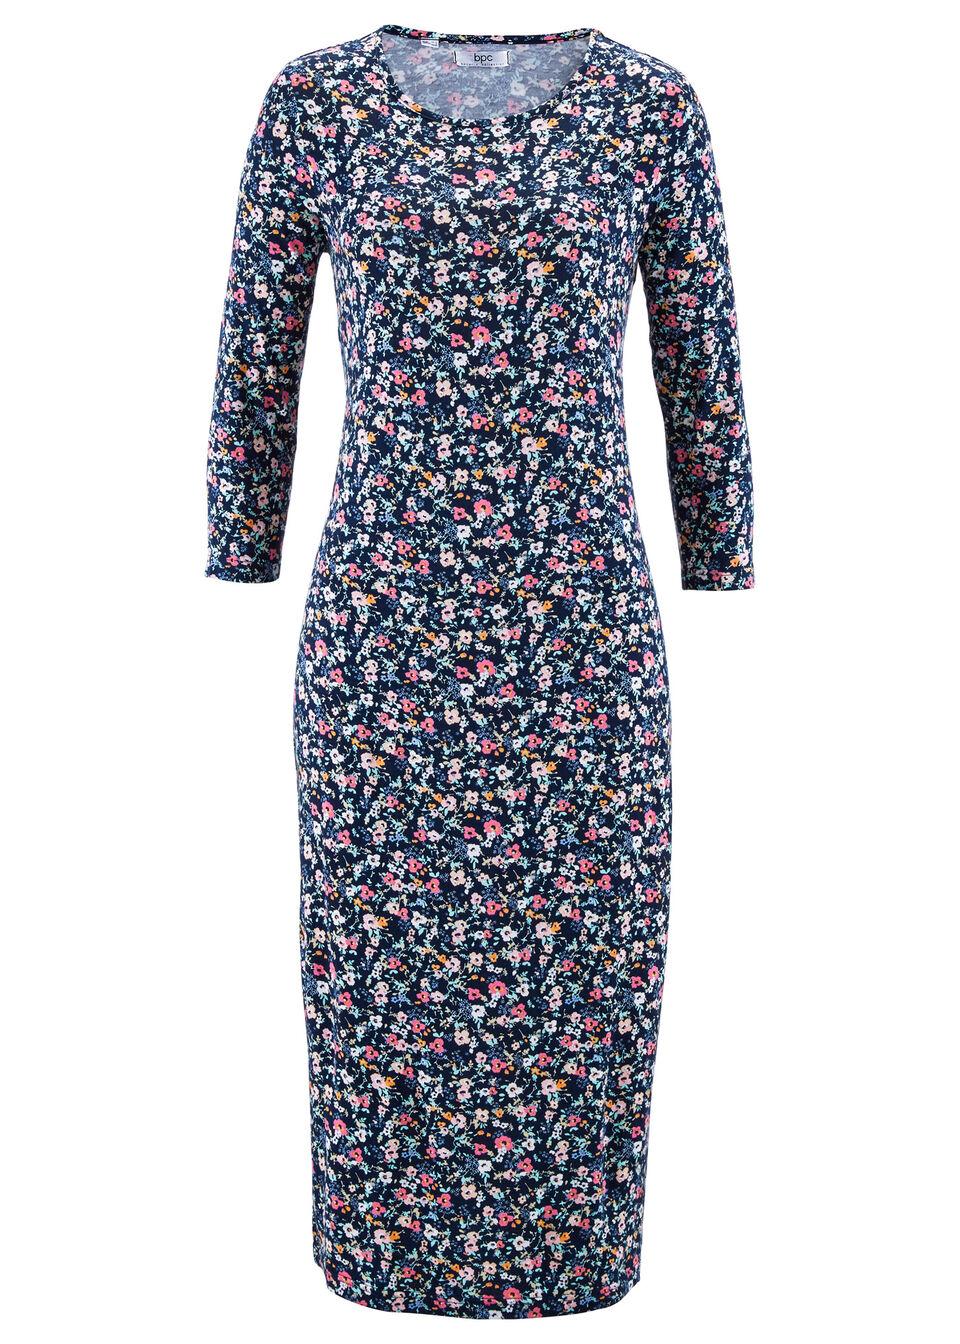 Купить Трикотажное платье с рукавом 3/4, bonprix, темно-синий в цветочек